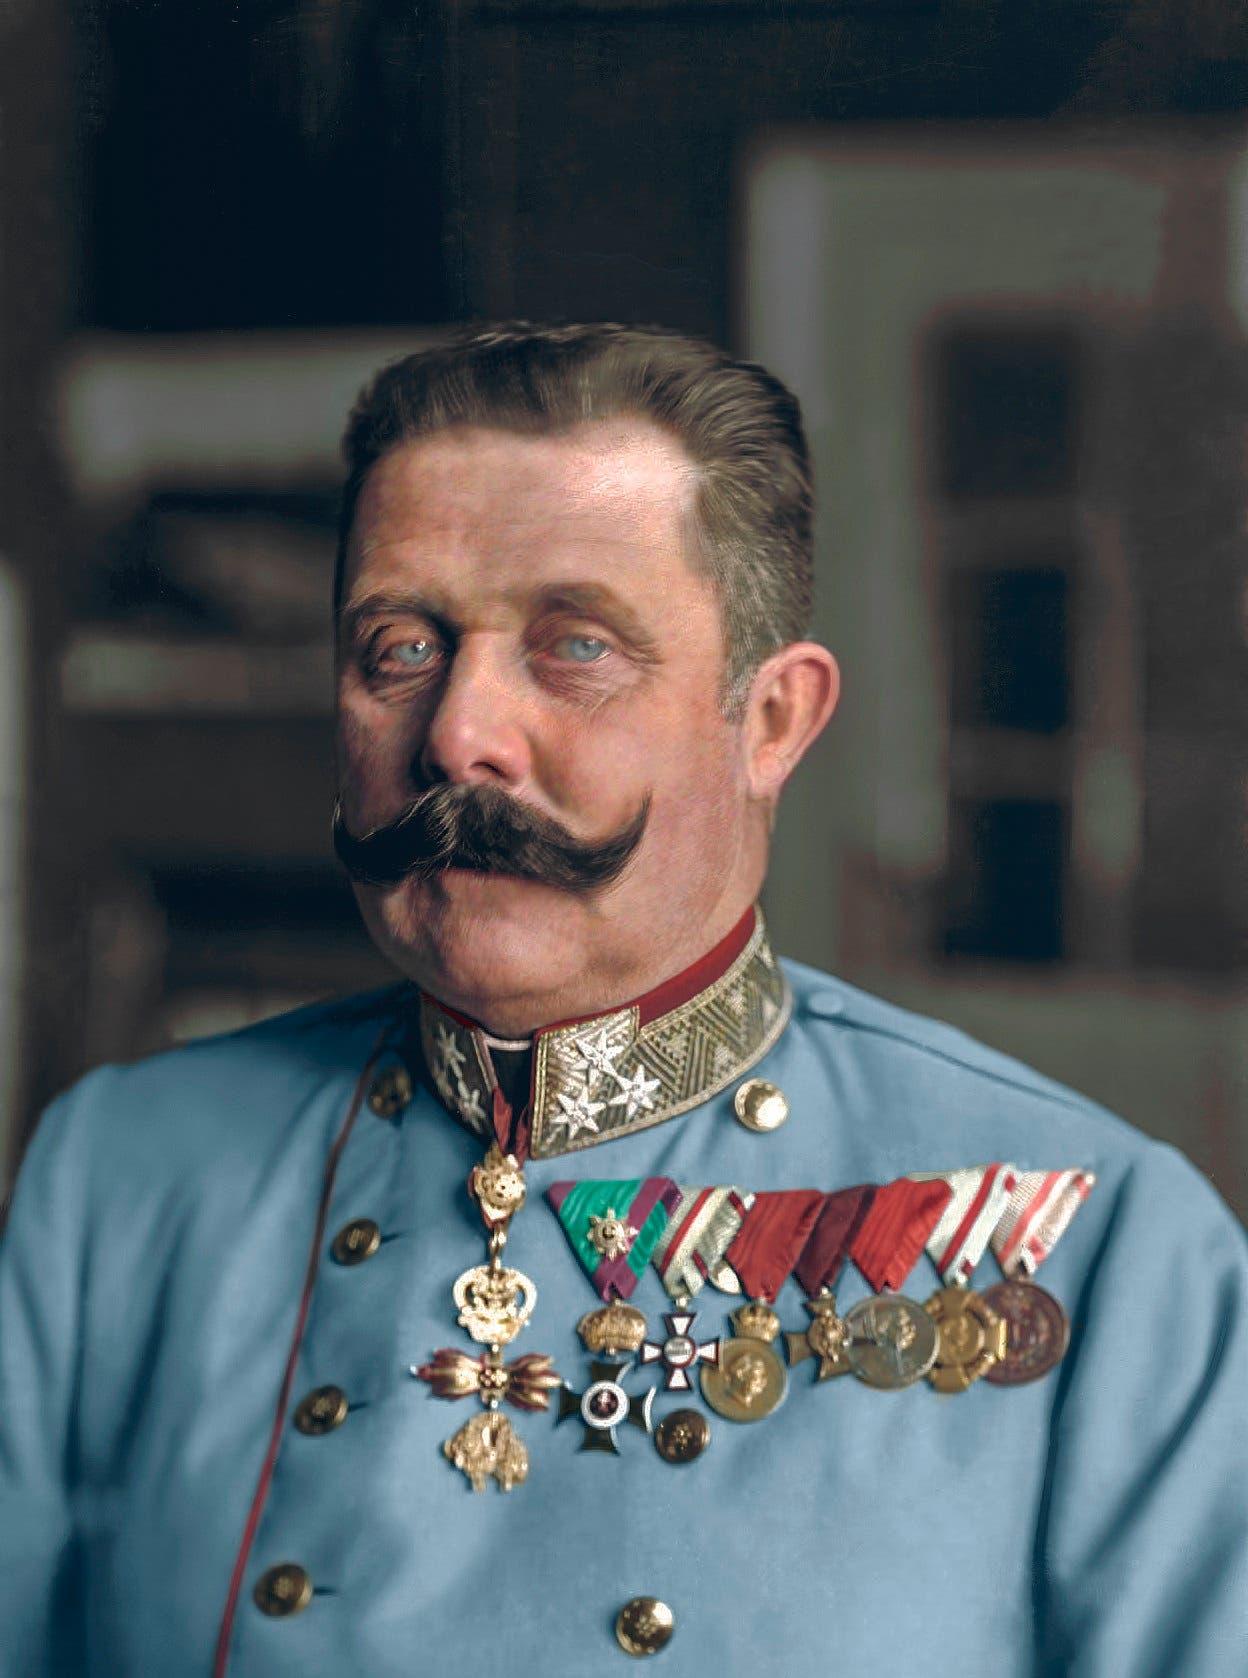 صورة ملونة اعتماداً على التقنيات الحديثة لولي عهد النمسا